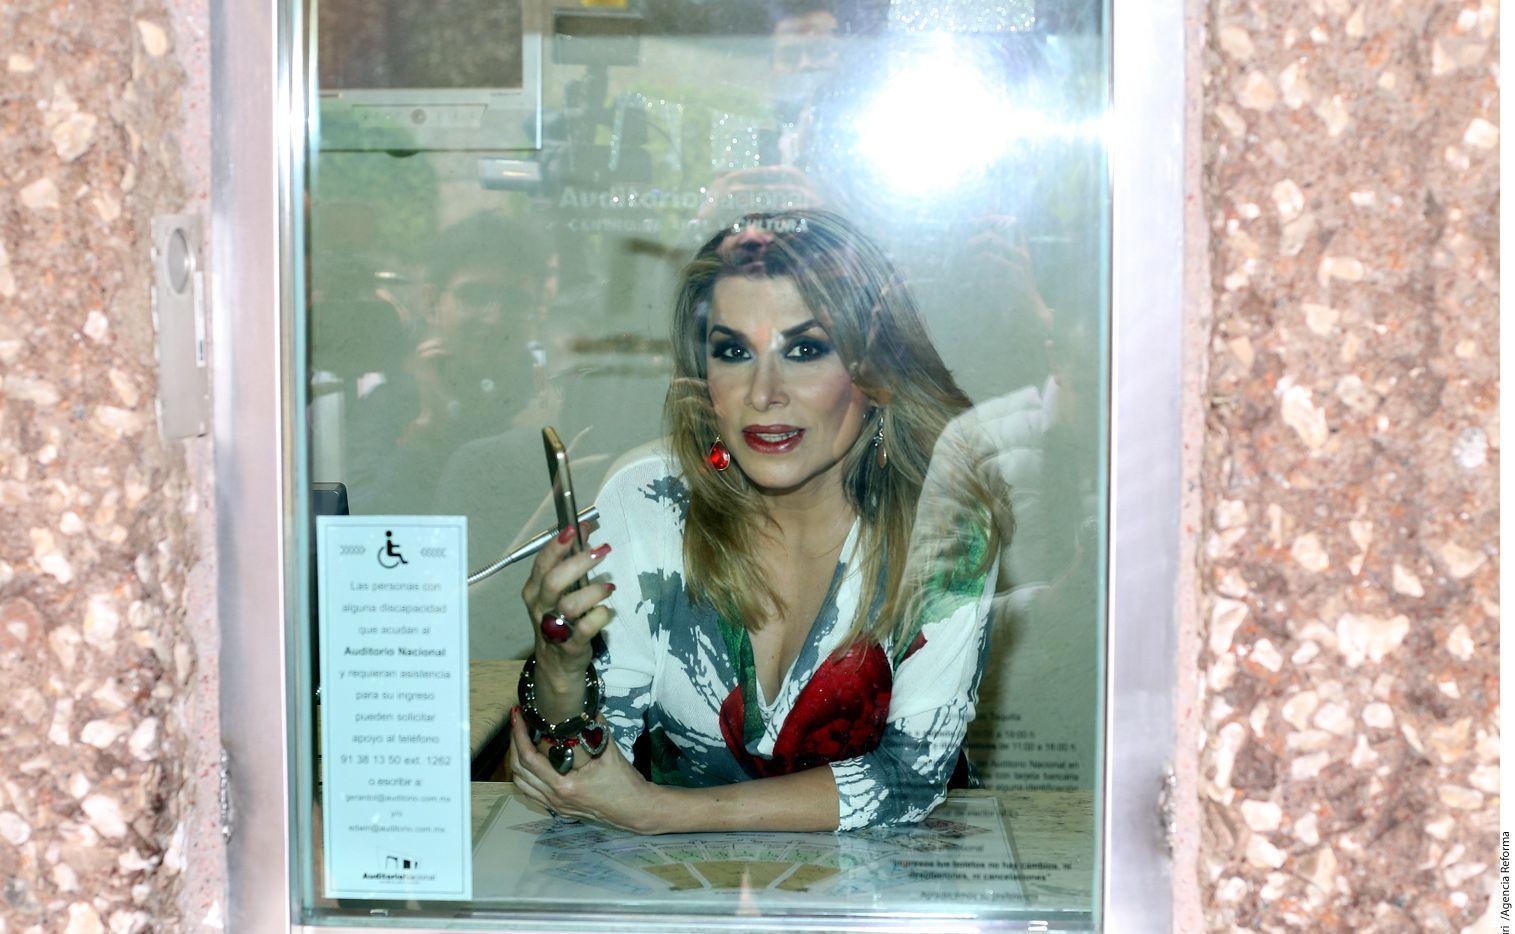 La cantante Dulce aseguró que existen dos hijos biológicos más de Juan Gabriel./ AGENCIA REFORMA